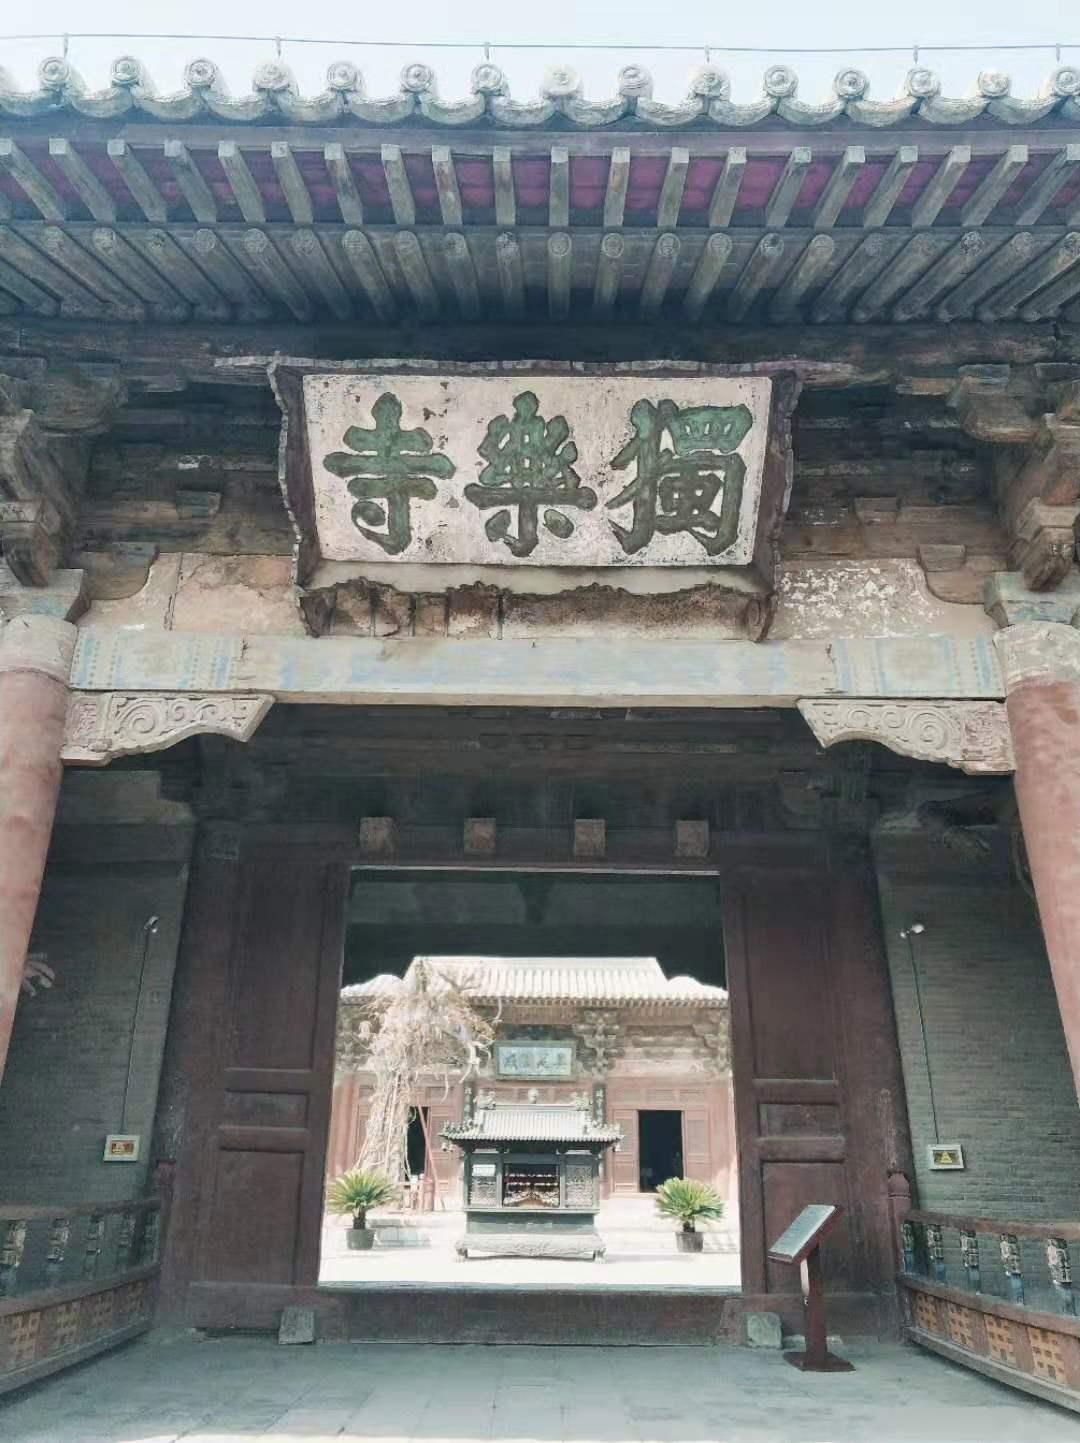 独乐寺入口。本文图片均由作者拍摄